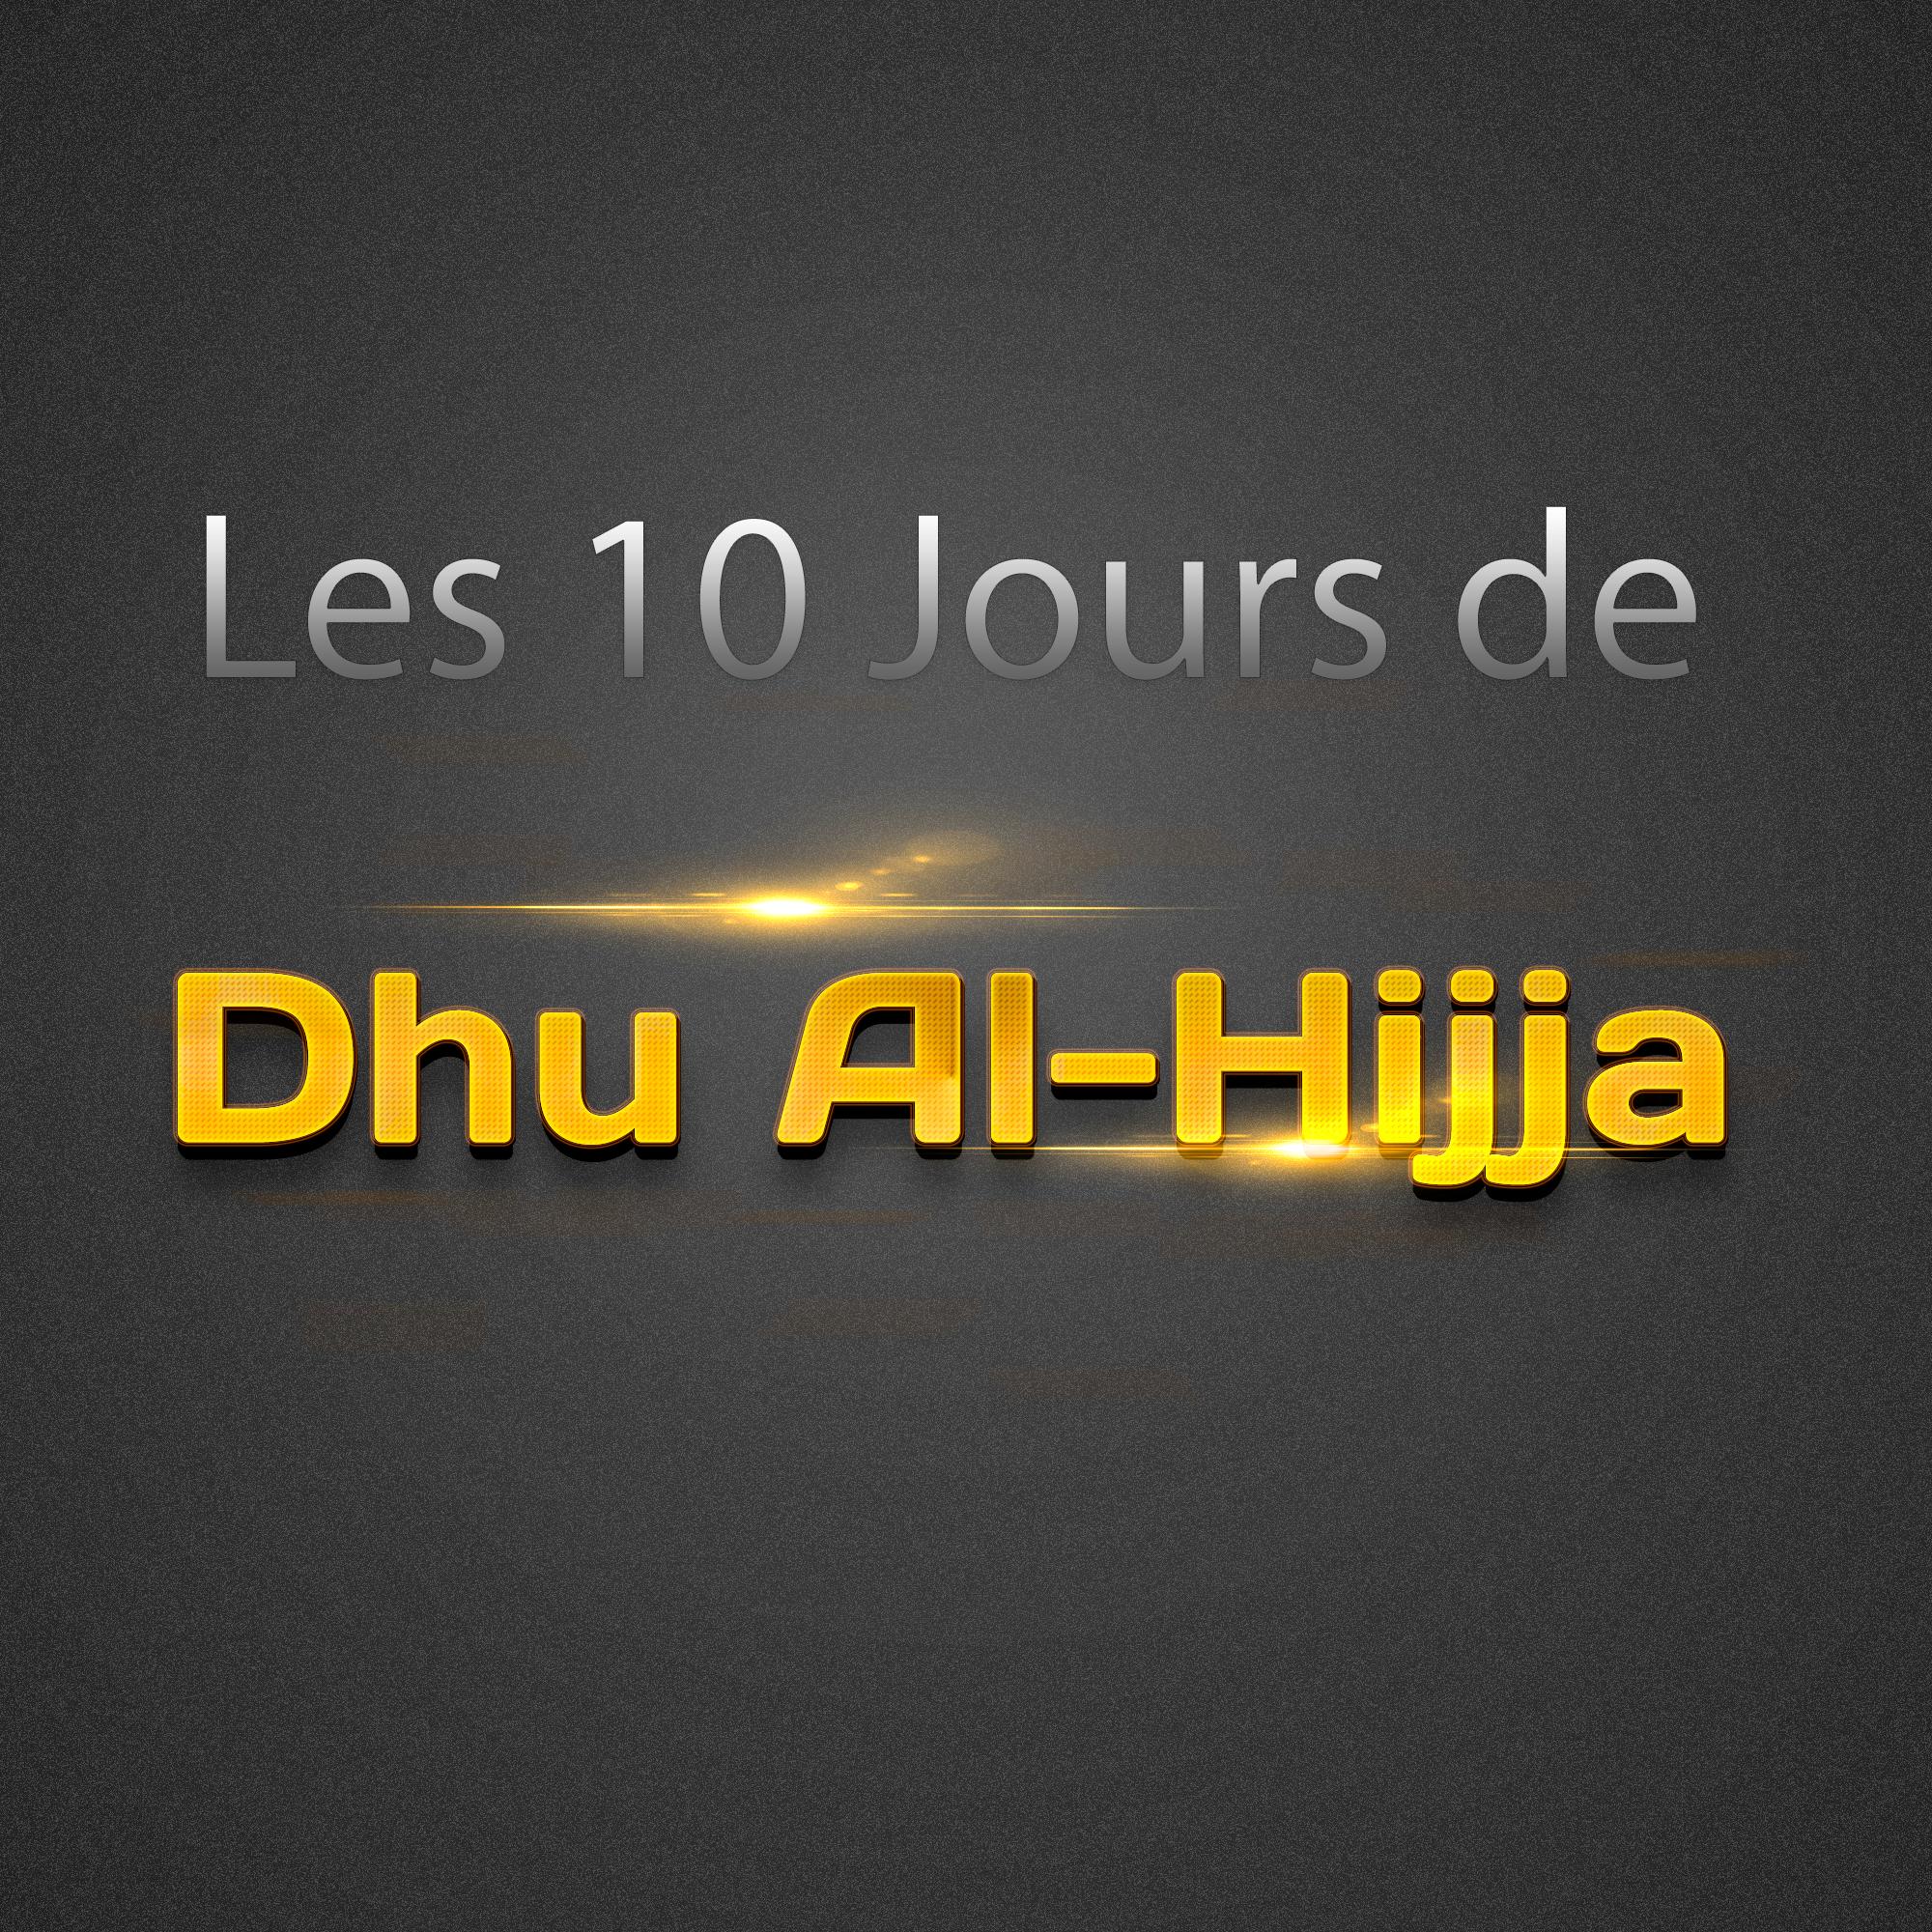 Les 10 jours de Dhul Hijja